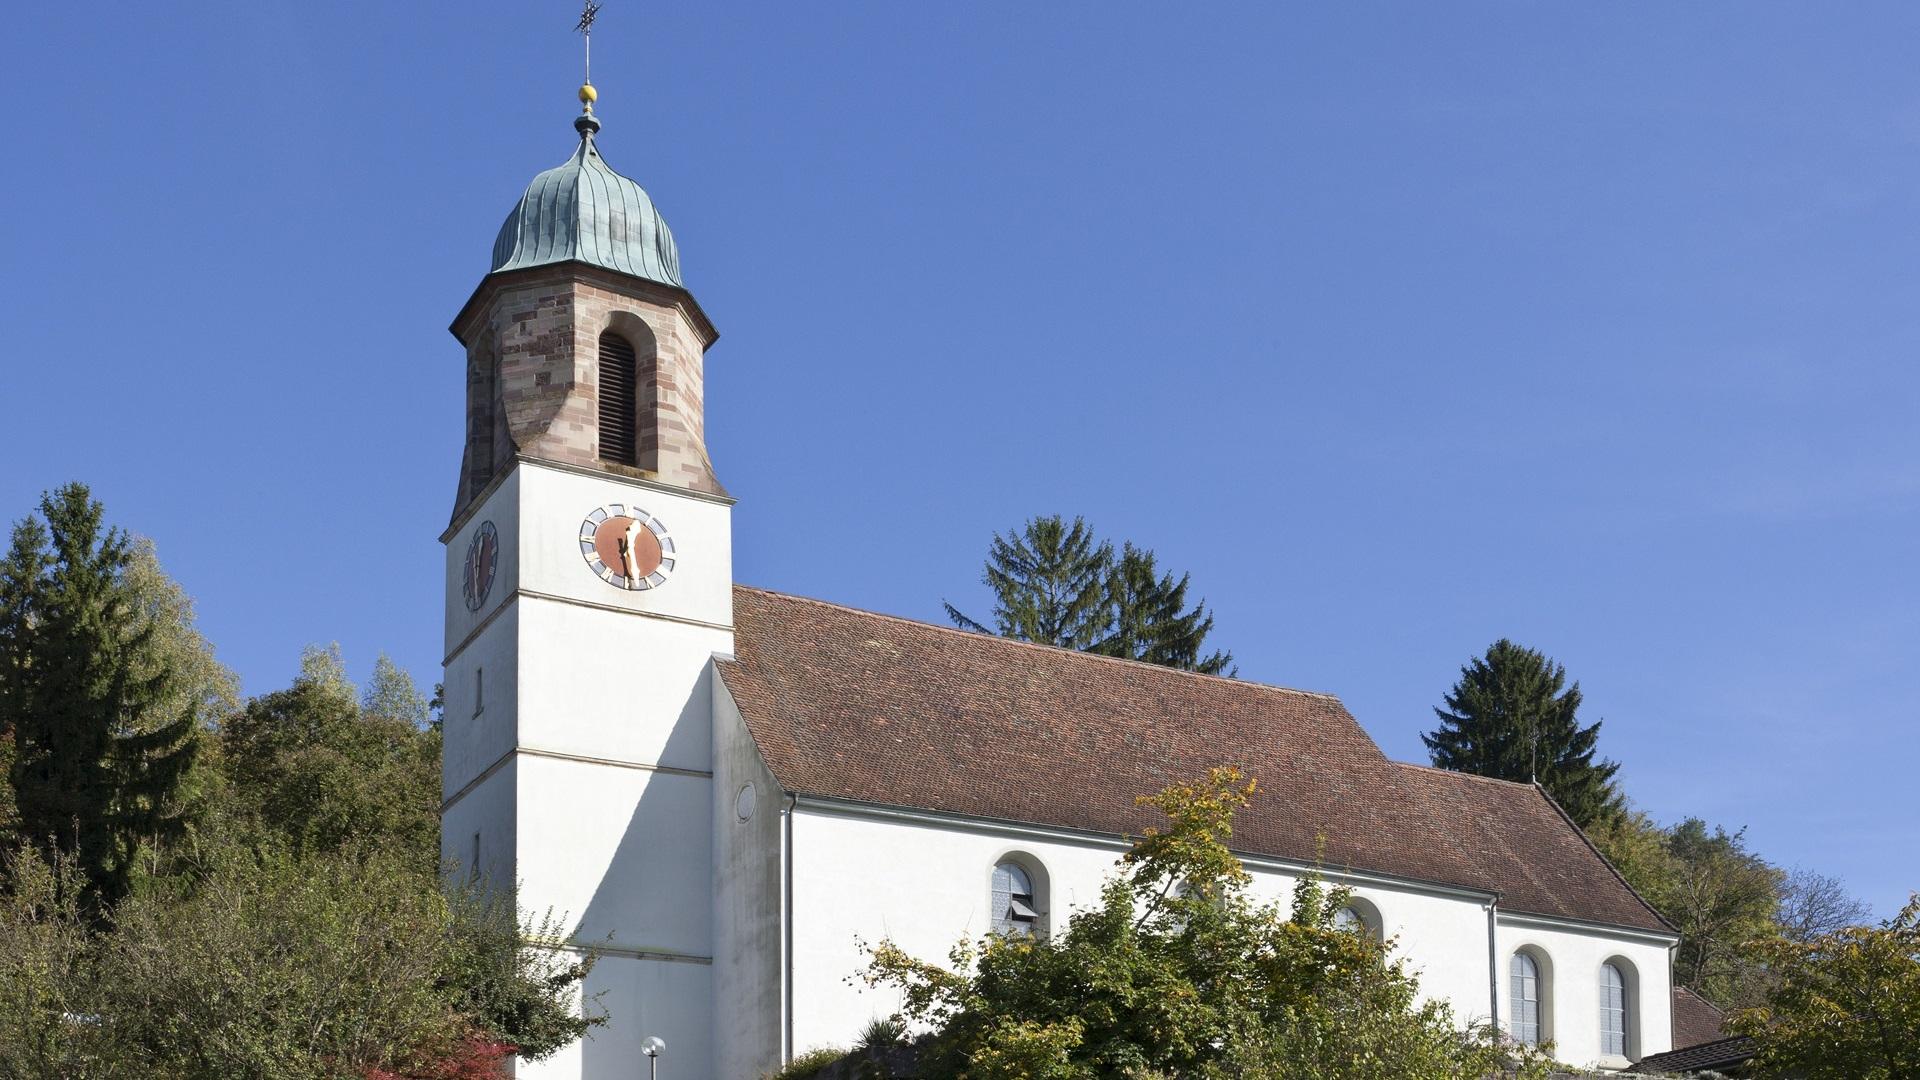 Kaisten, St. Michael | © Roger Wehrli